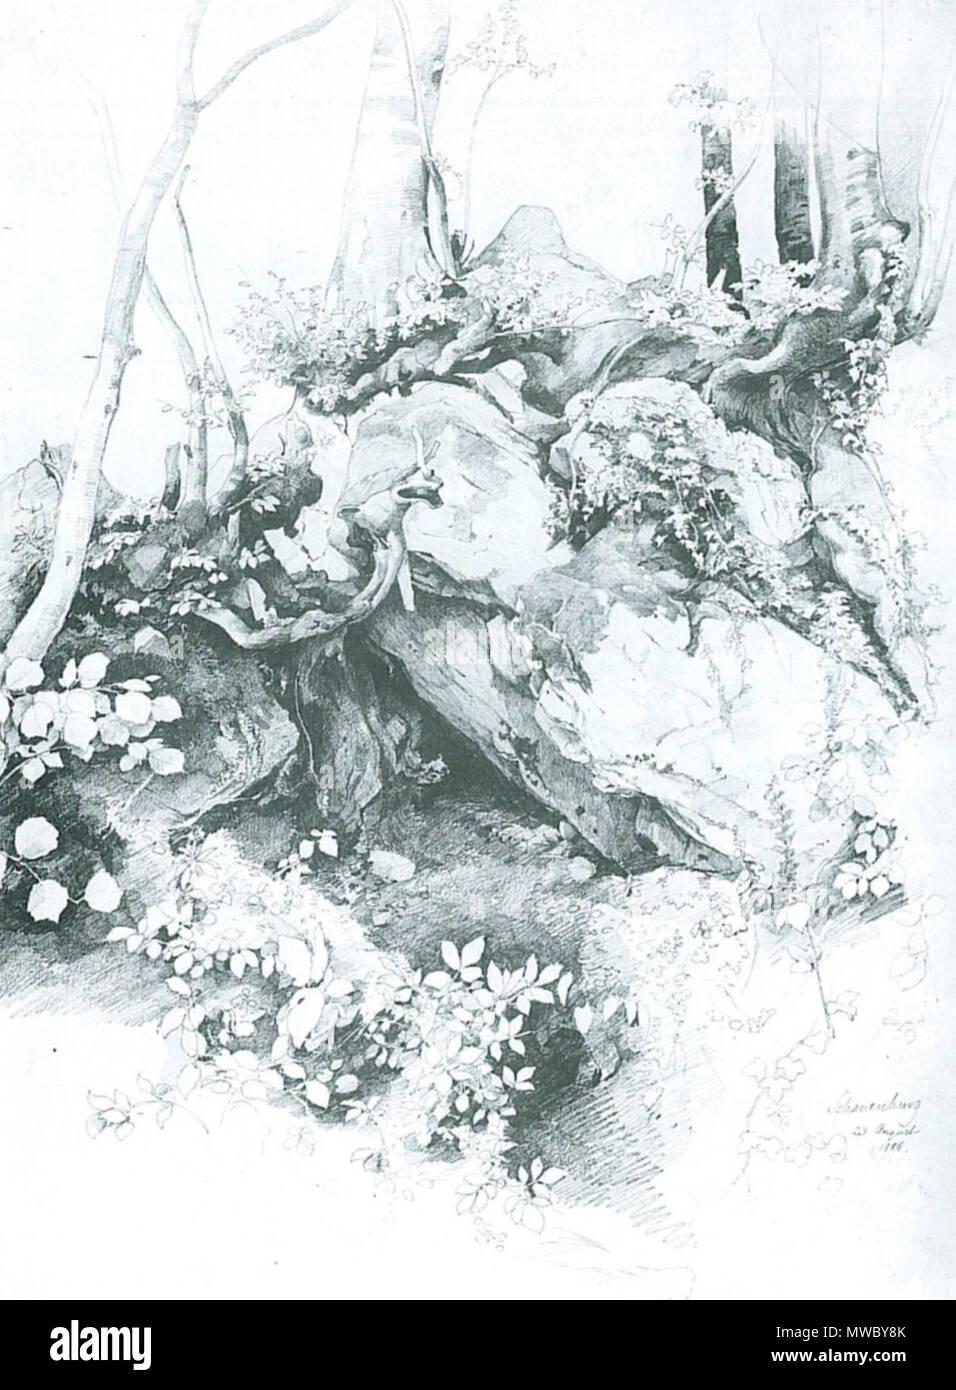 . Deutsch: Edmund Kanoldt: Vordergrundstudie, Schauenburg. 50,5 × 35,9 cm. Bleistift auf Papier. La Kunsthalle di Mannheim . circa 1886. Edmund Kanoldt (1845-1904) 177 Edmund Kanoldt Vordergrundstudie Schauenburg Immagini Stock